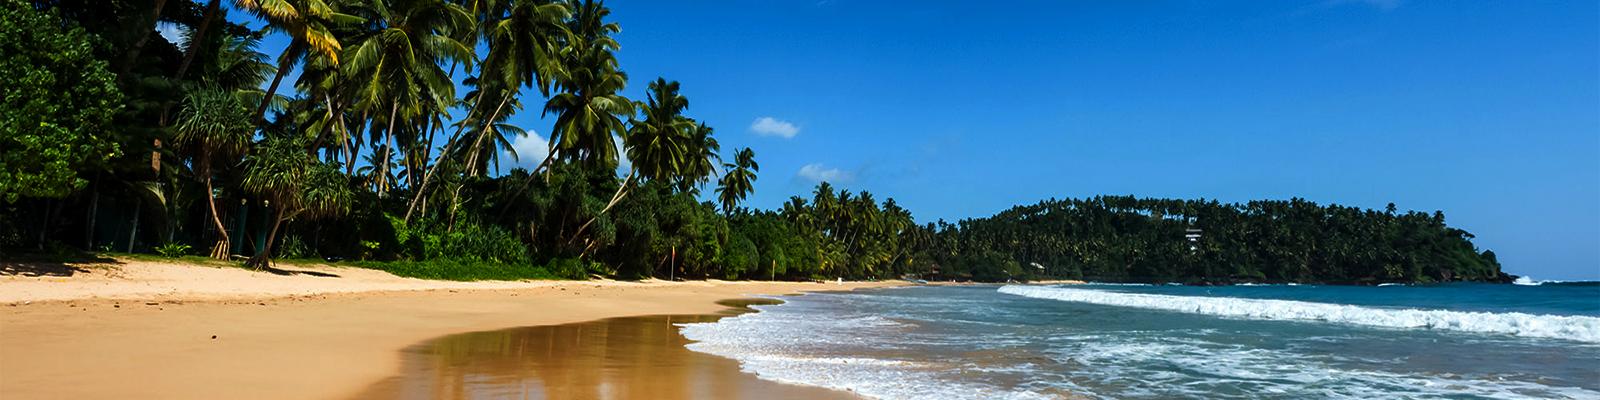 popular beaches sri lanka